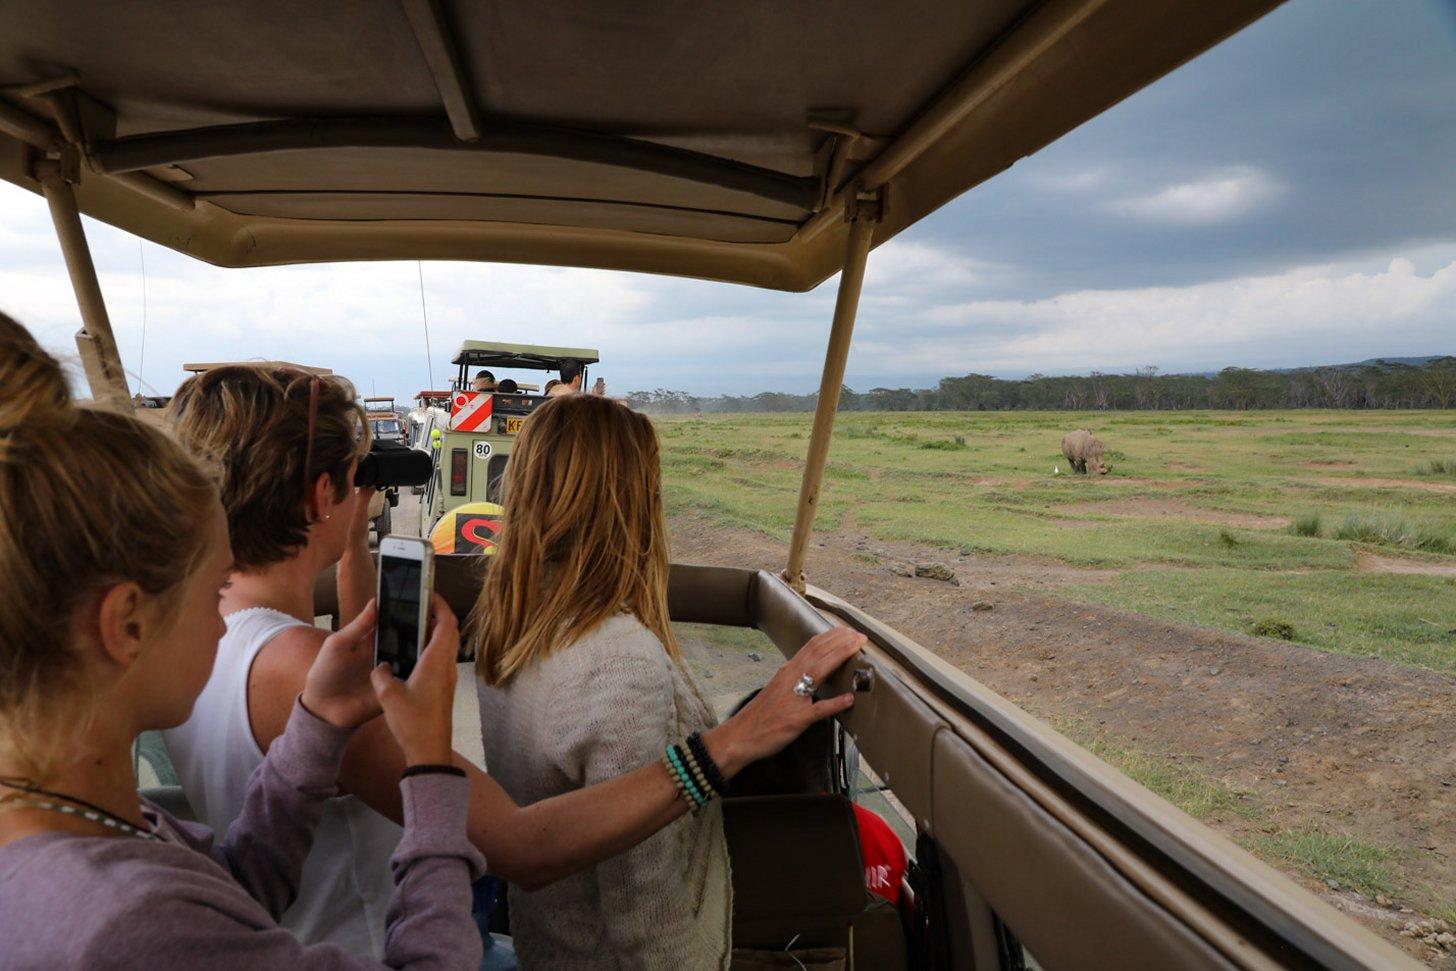 Kenia en kinderen: een leuke match, zeker als je op safari gaat